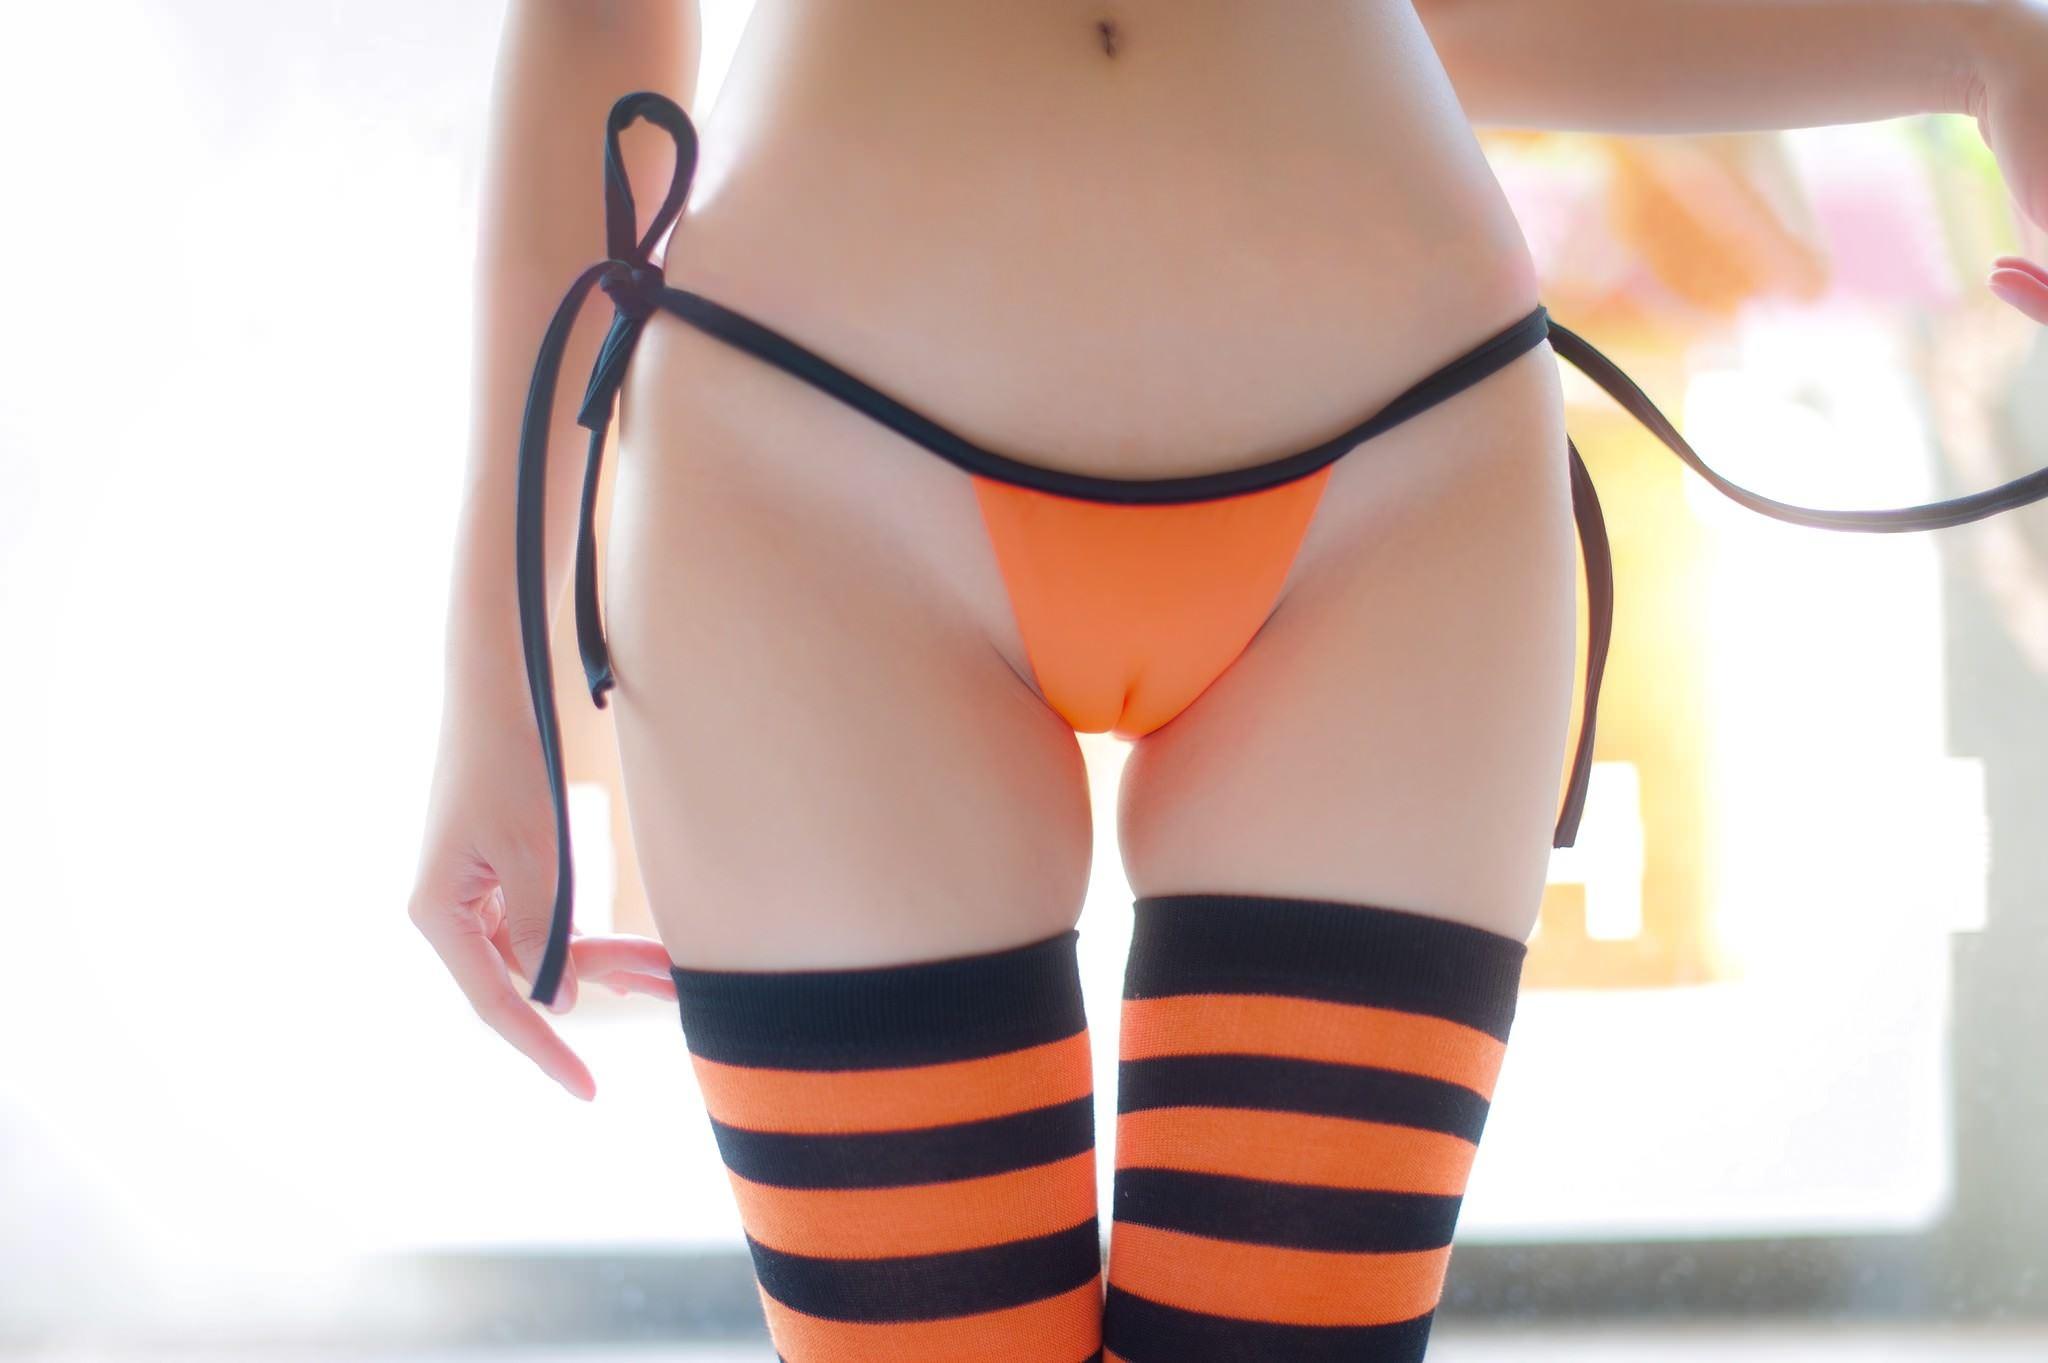 Фото Верблюжий горб, оранжевые трусики впились в писю, полосатые черно-оранжевые гольфы, скачать картинку бесплатно